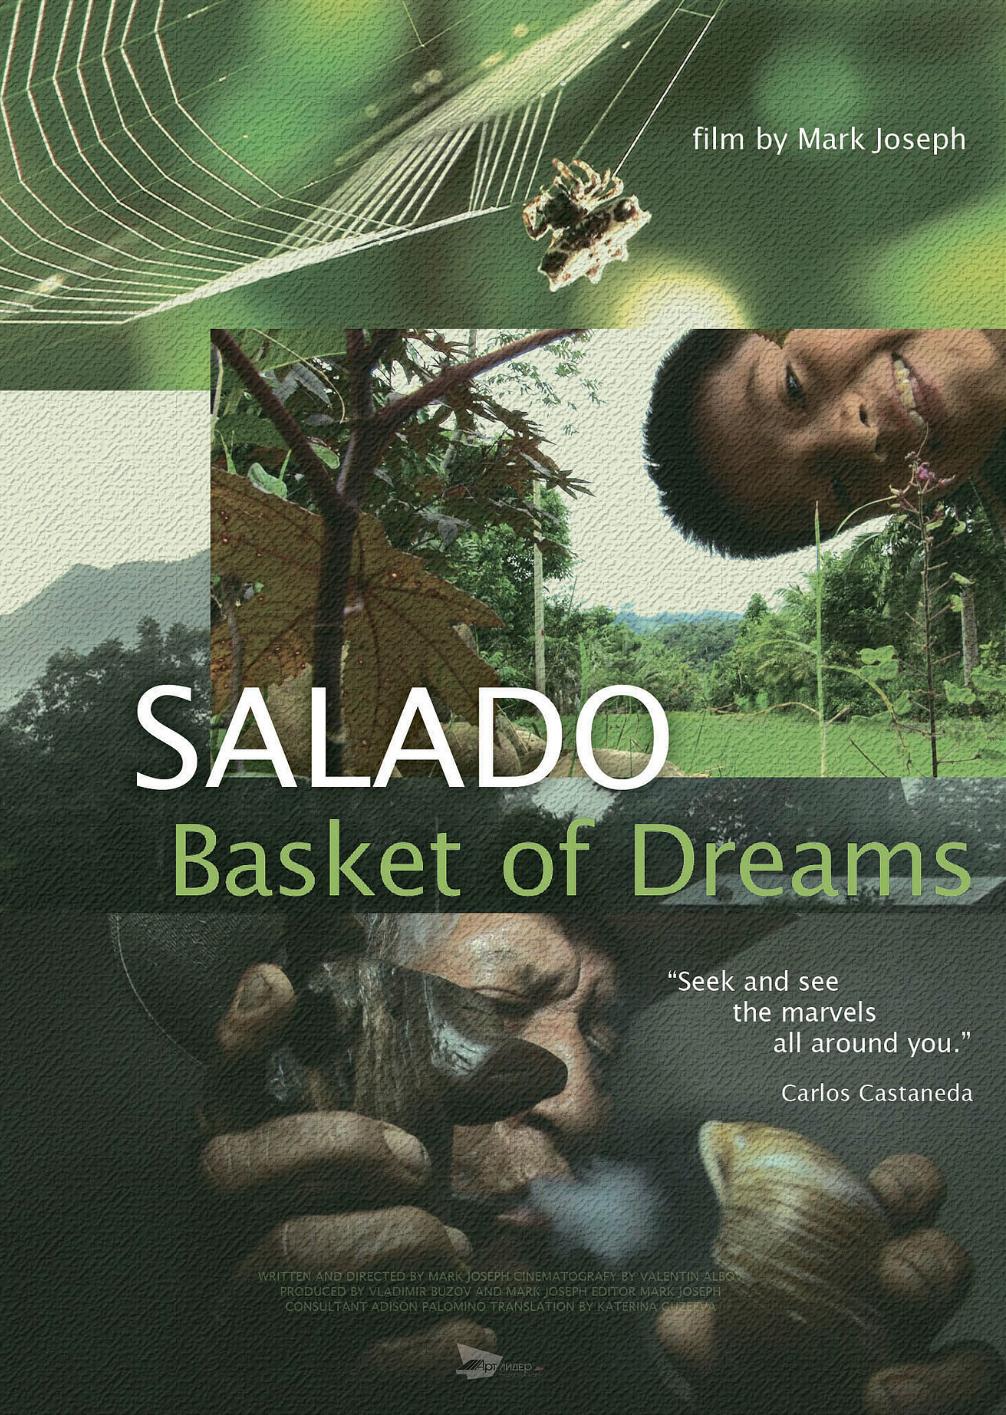 Salado. Basket of Dreams (2015)